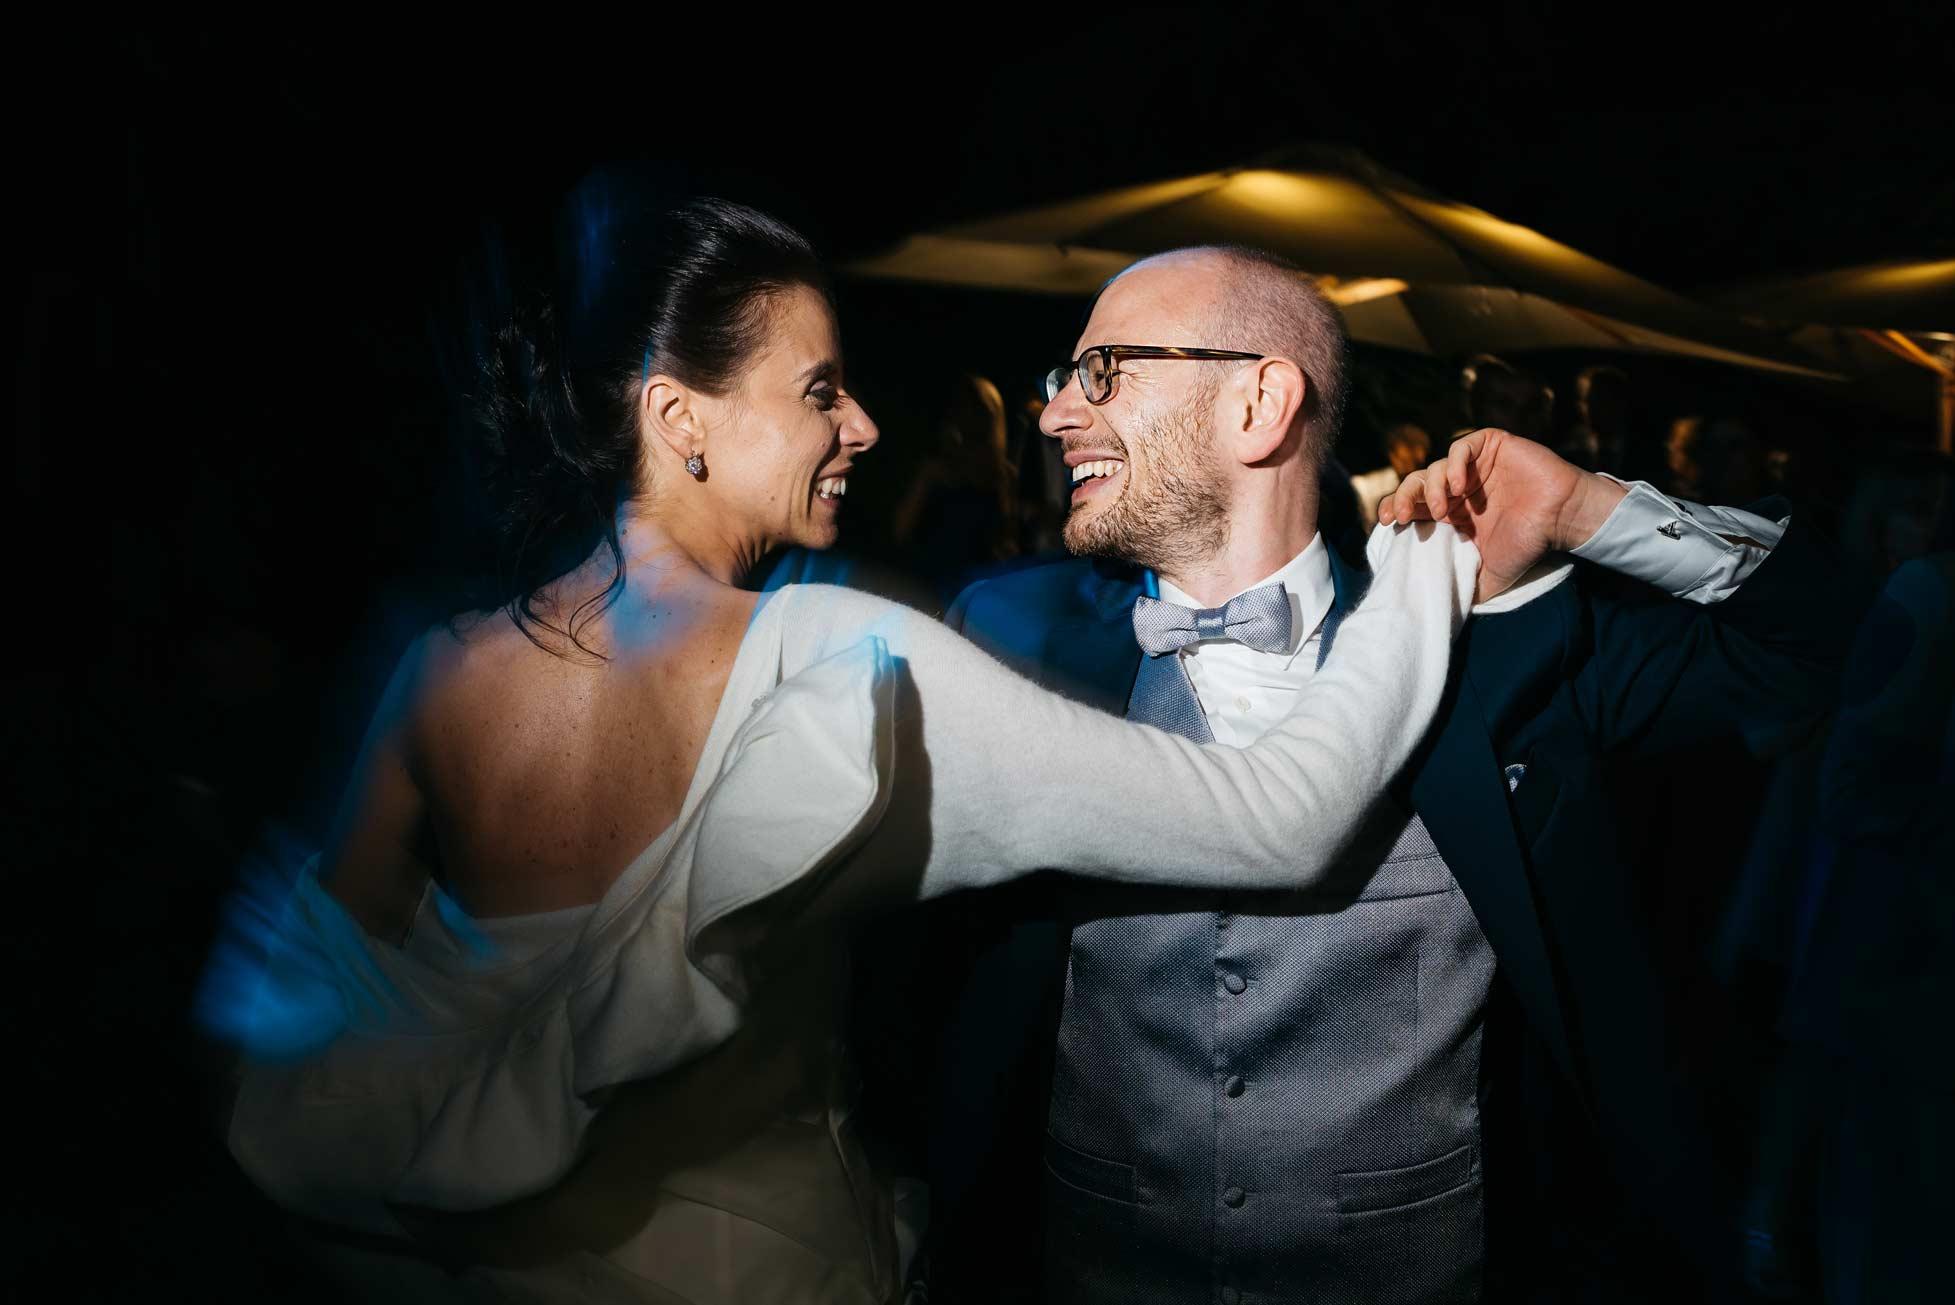 Fotografi-Matrimonio-Fotoreportage-Di-Matrimonio-Roma-1-L&F